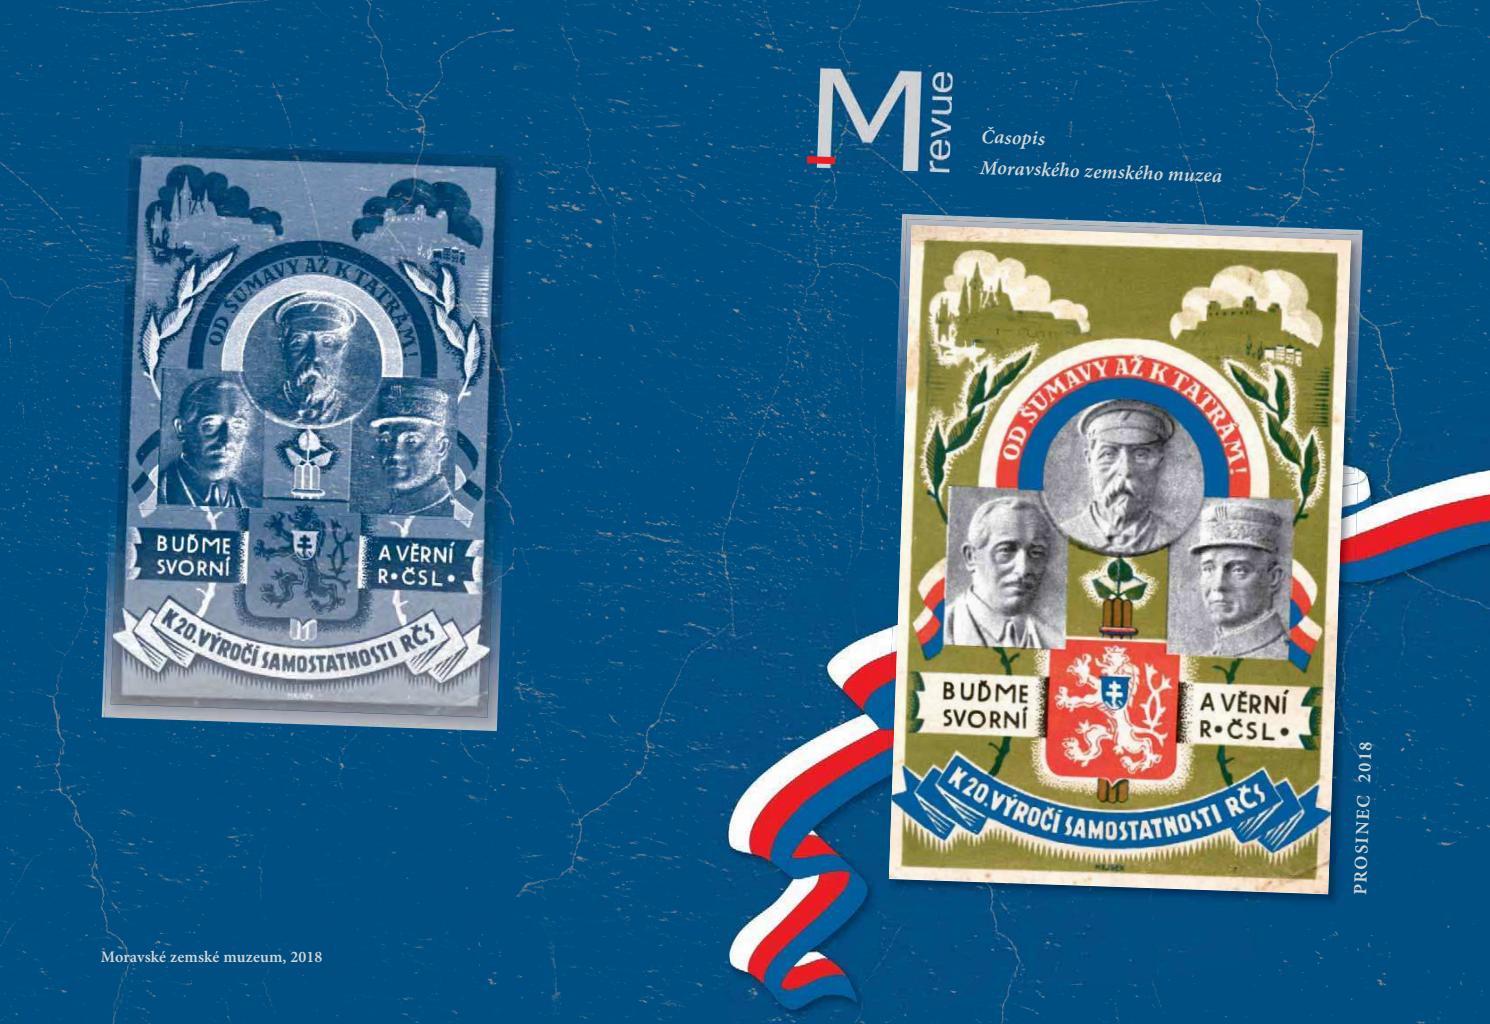 2d99c4cfdfd M revue Moravského zemského muzea 2 2018 by Moravské zemské muzeum - issuu